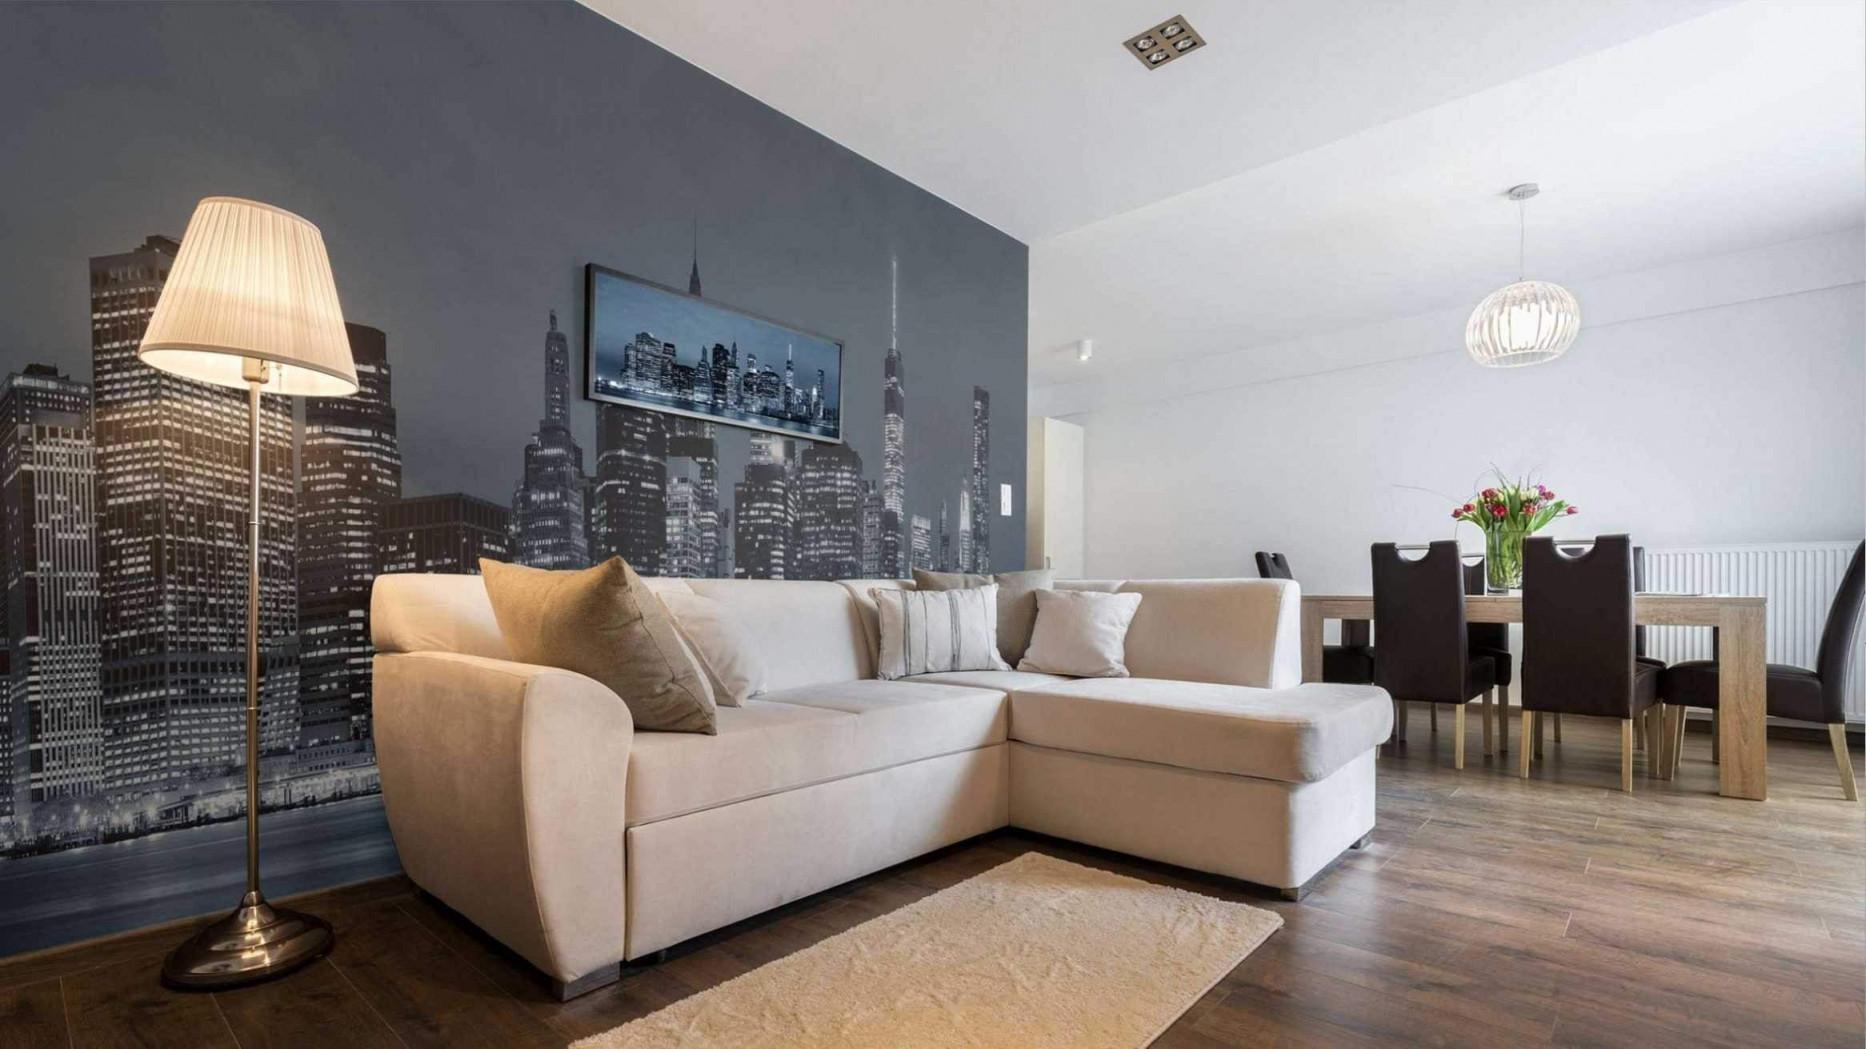 37 Neu Wohnzimmer Farben Ideen Frisch  Wohnzimmer Frisch von Farbideen Wohnzimmer Wände Ideen Bild